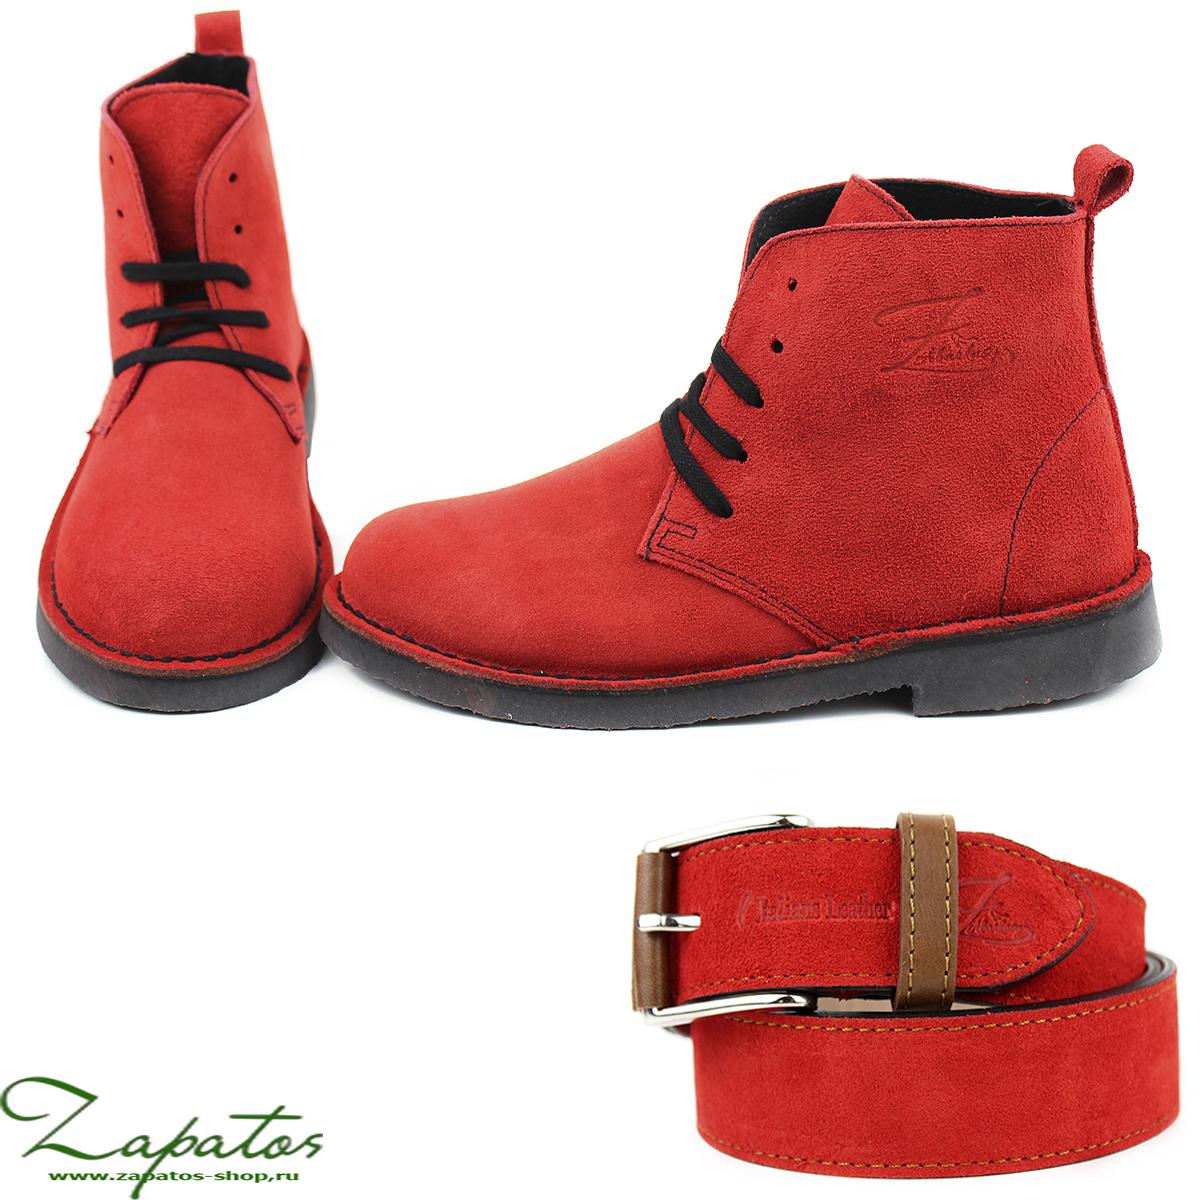 Дезерты Ab. Zapatos 1619 New R·FUEGO + Ab.Zapatos Pelle cinturon (140) Fuego